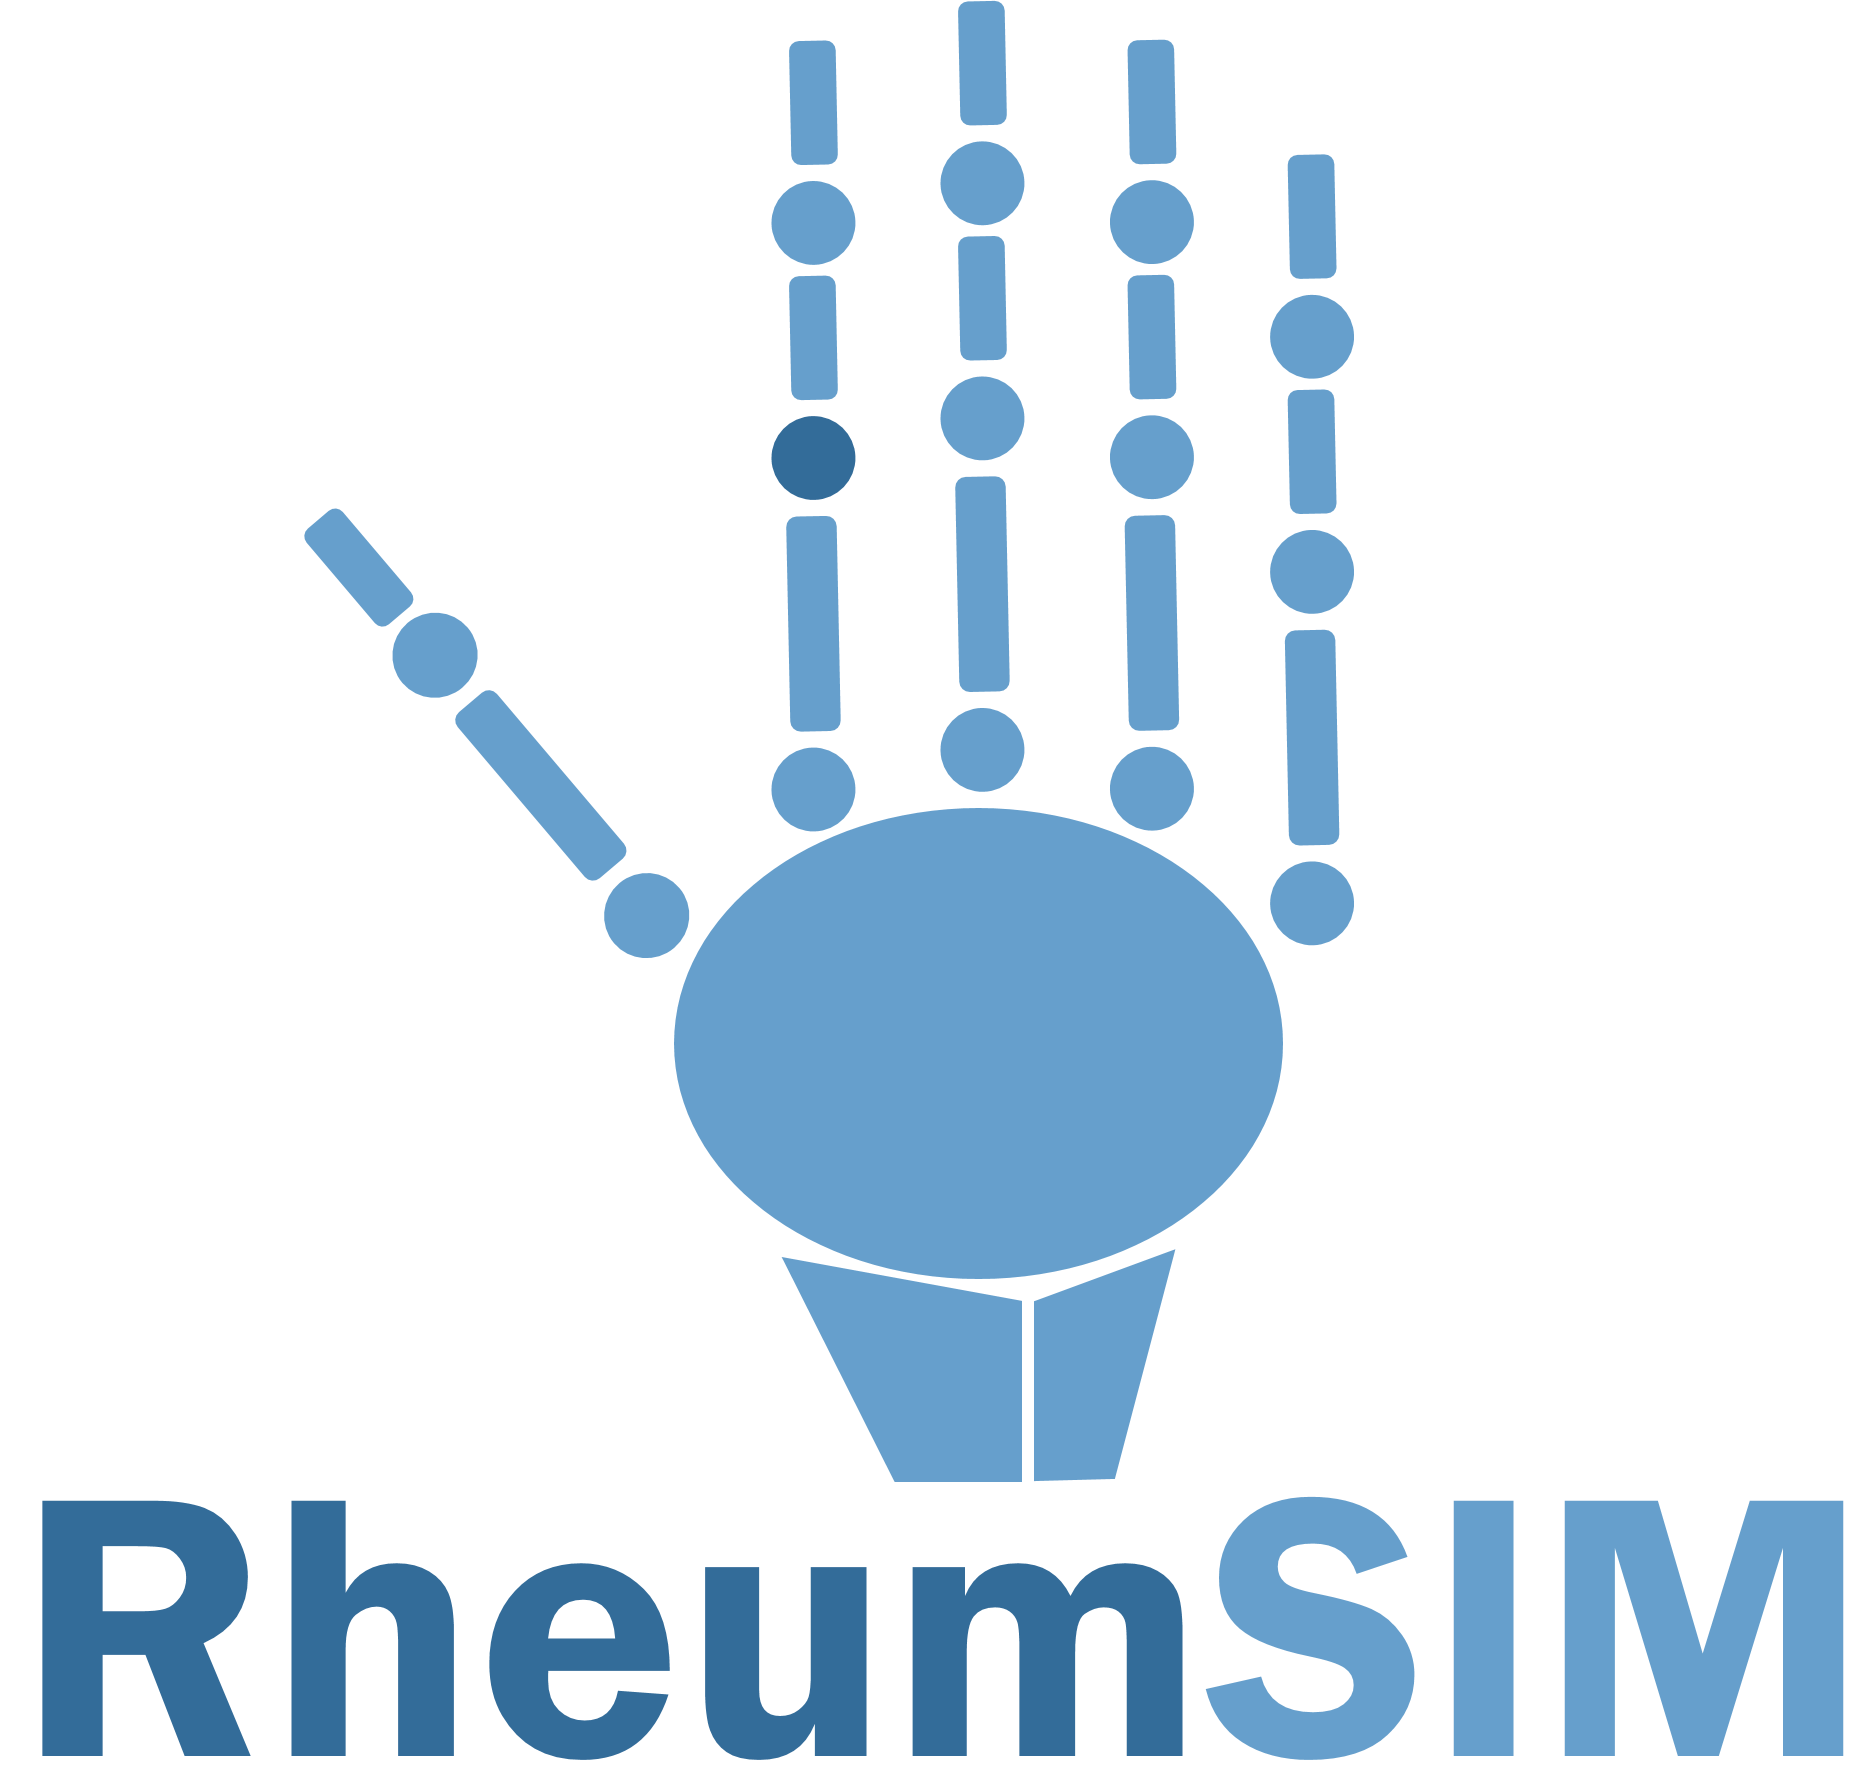 RheumSIM